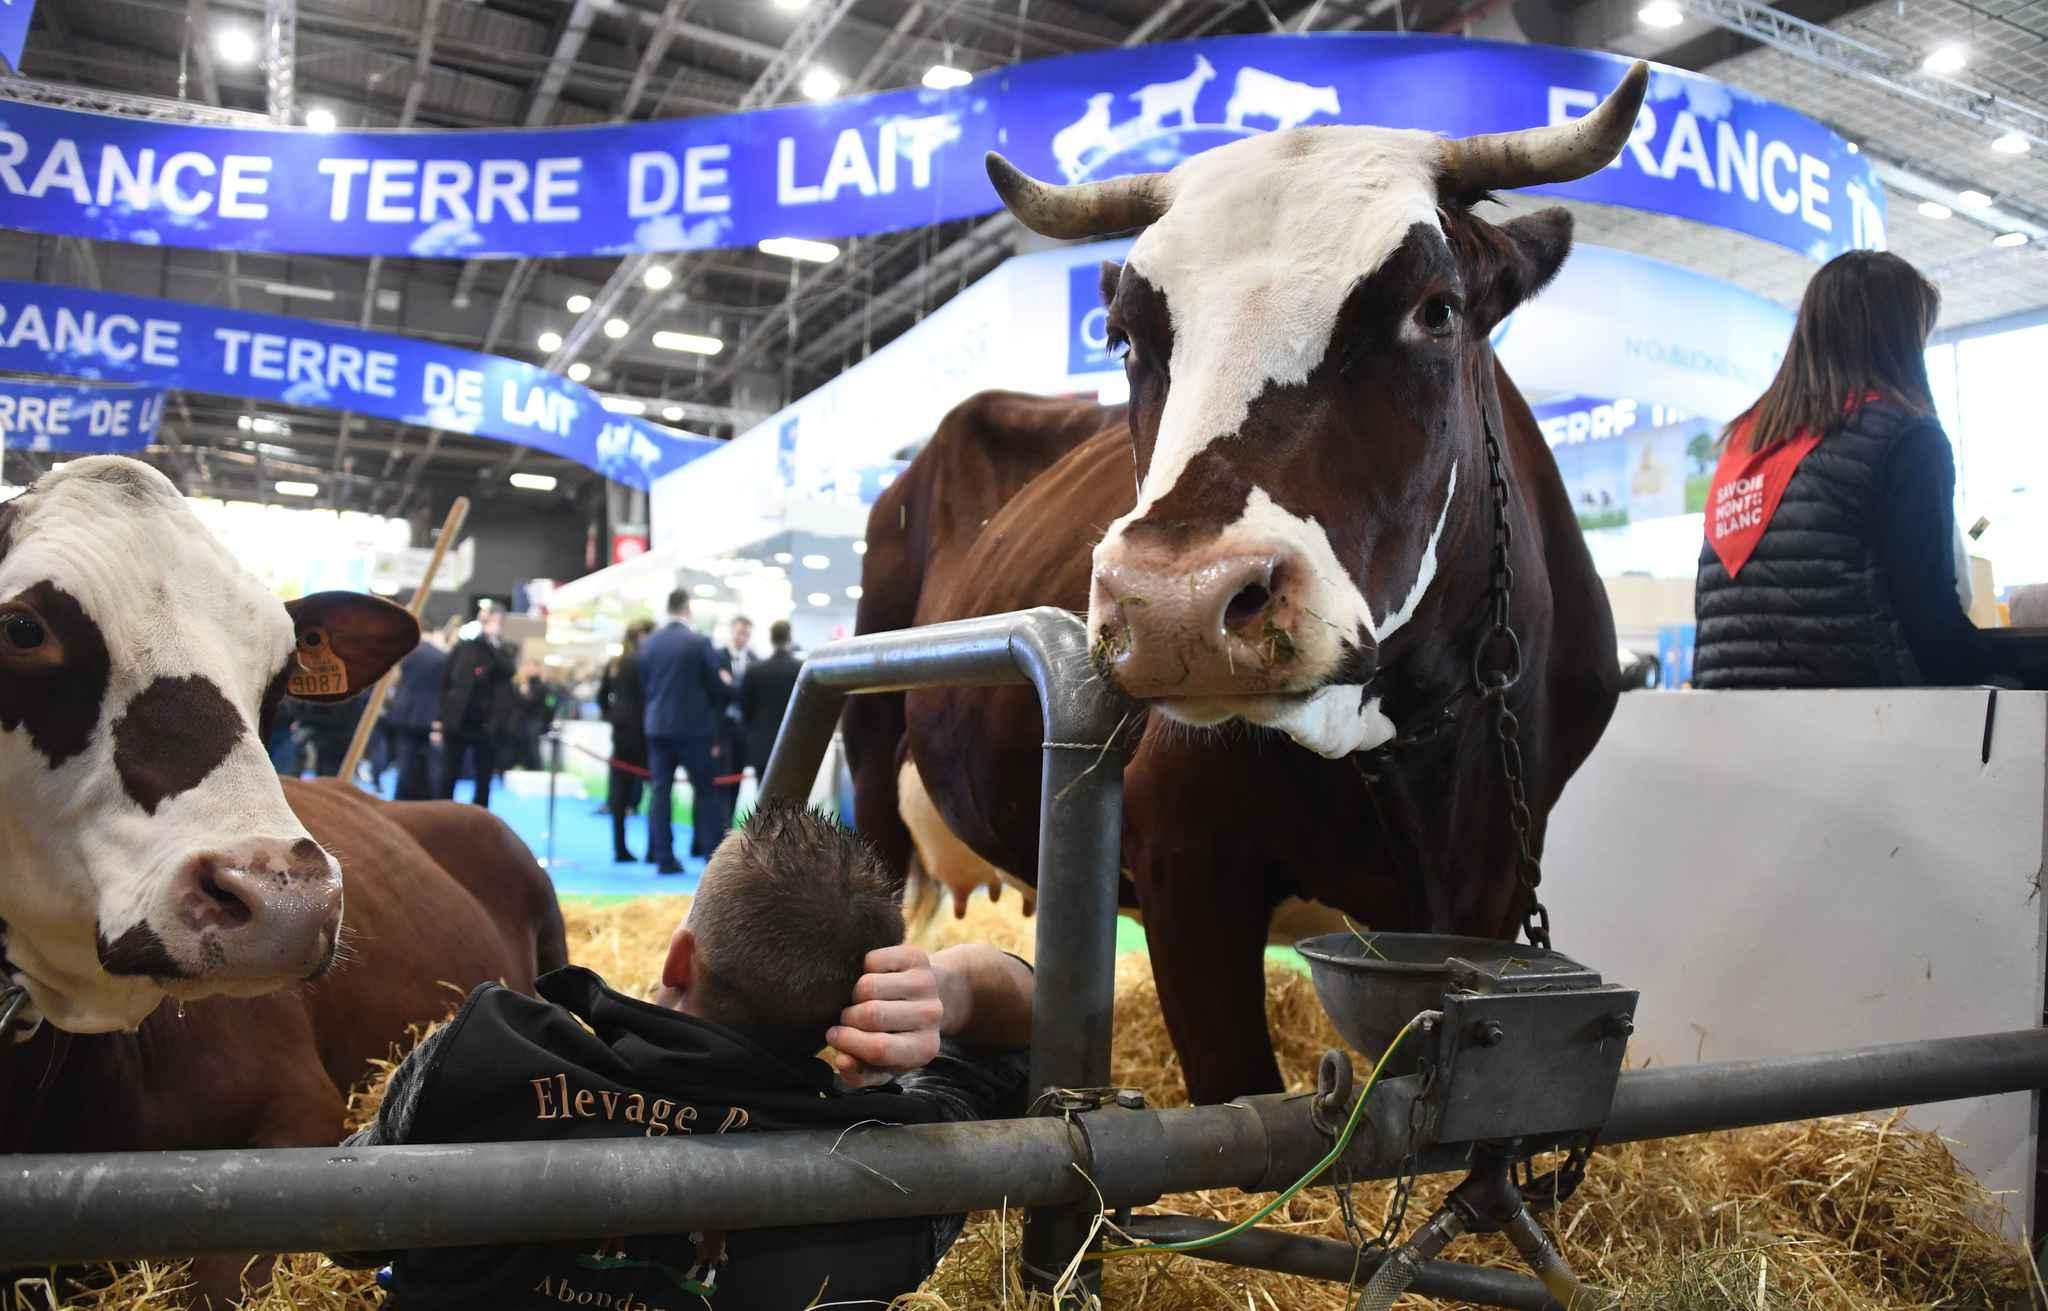 Salon International de l'Agriculture (SIA). Parc des Expositions de la Porte de Versailles, Paris, France, le 23 fevrier 2019.